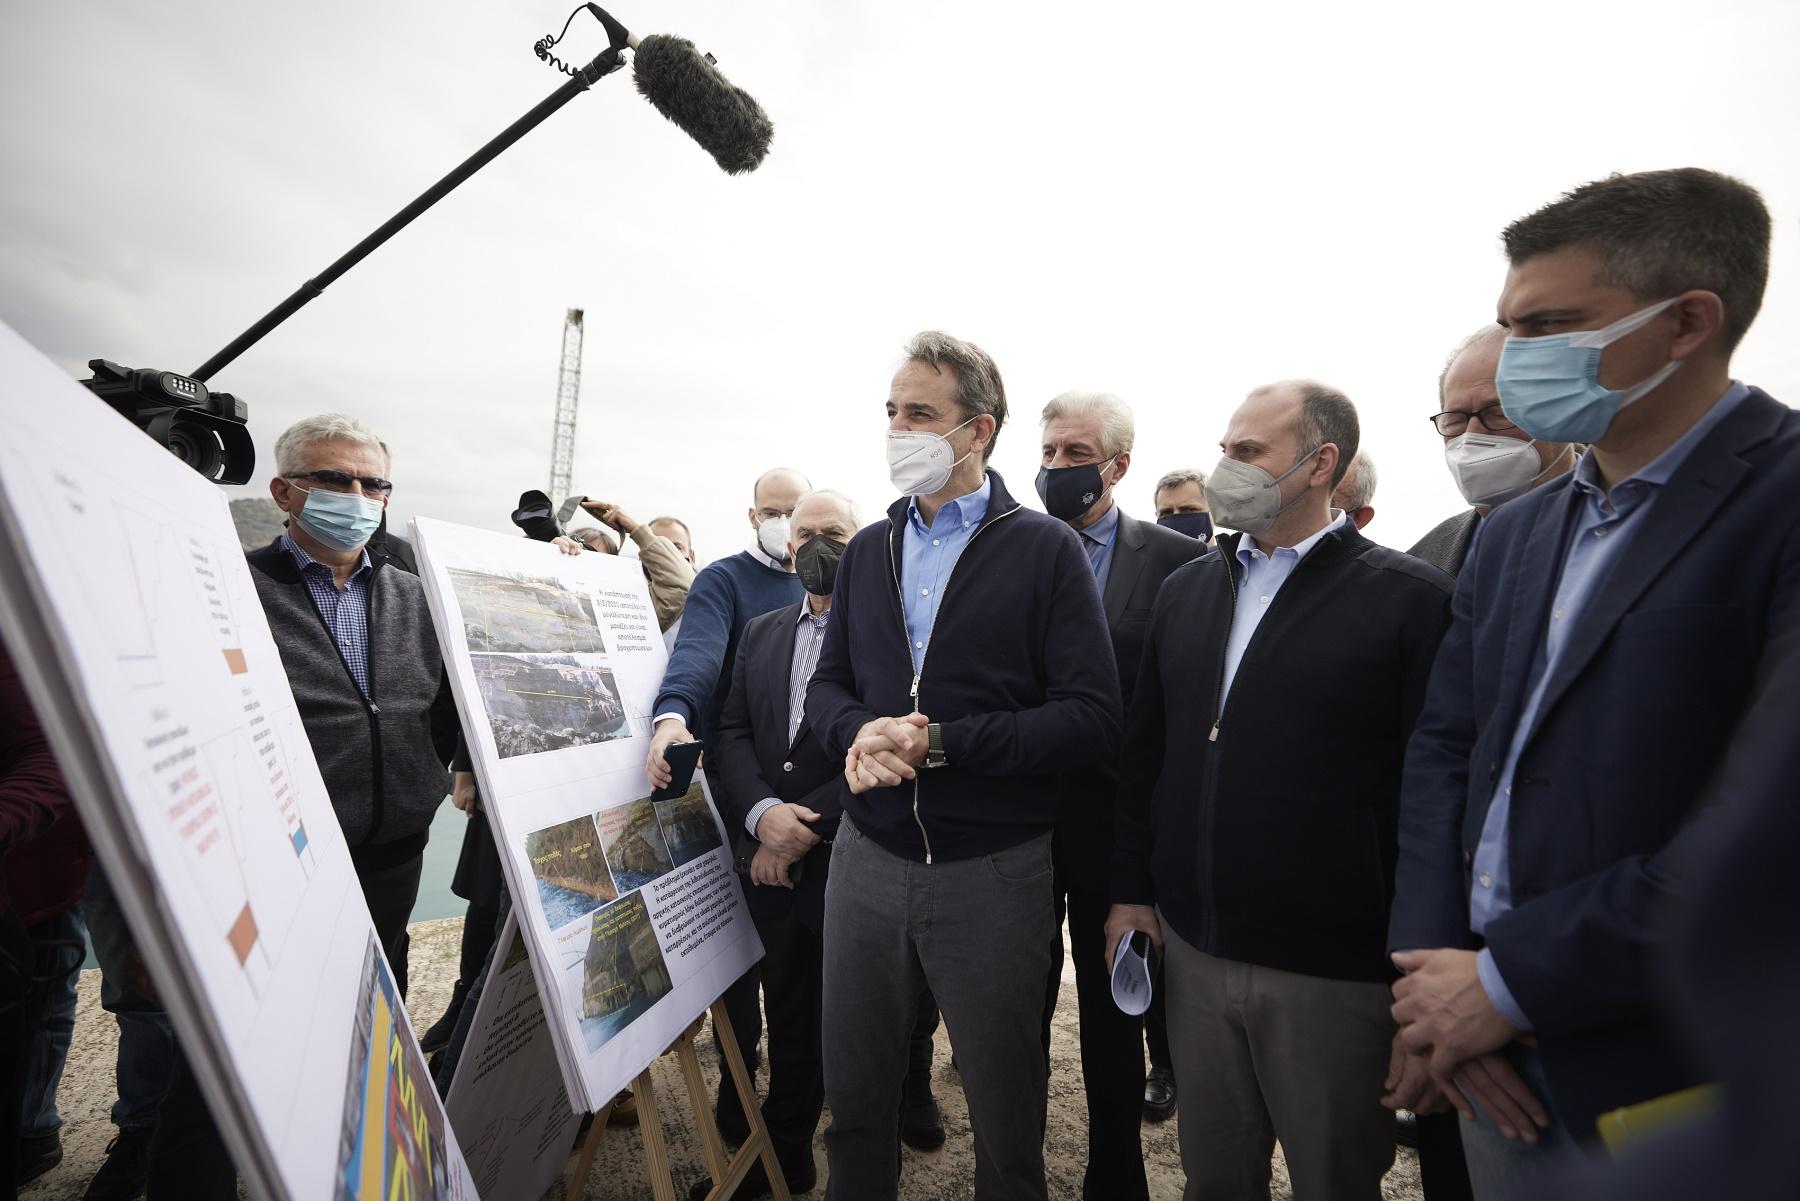 Ο Μητσοτάκης στη Διώρυγα της Κορίνθου – Ενημερώθηκε για τα έργα αποκατάστασης (pics, vid)